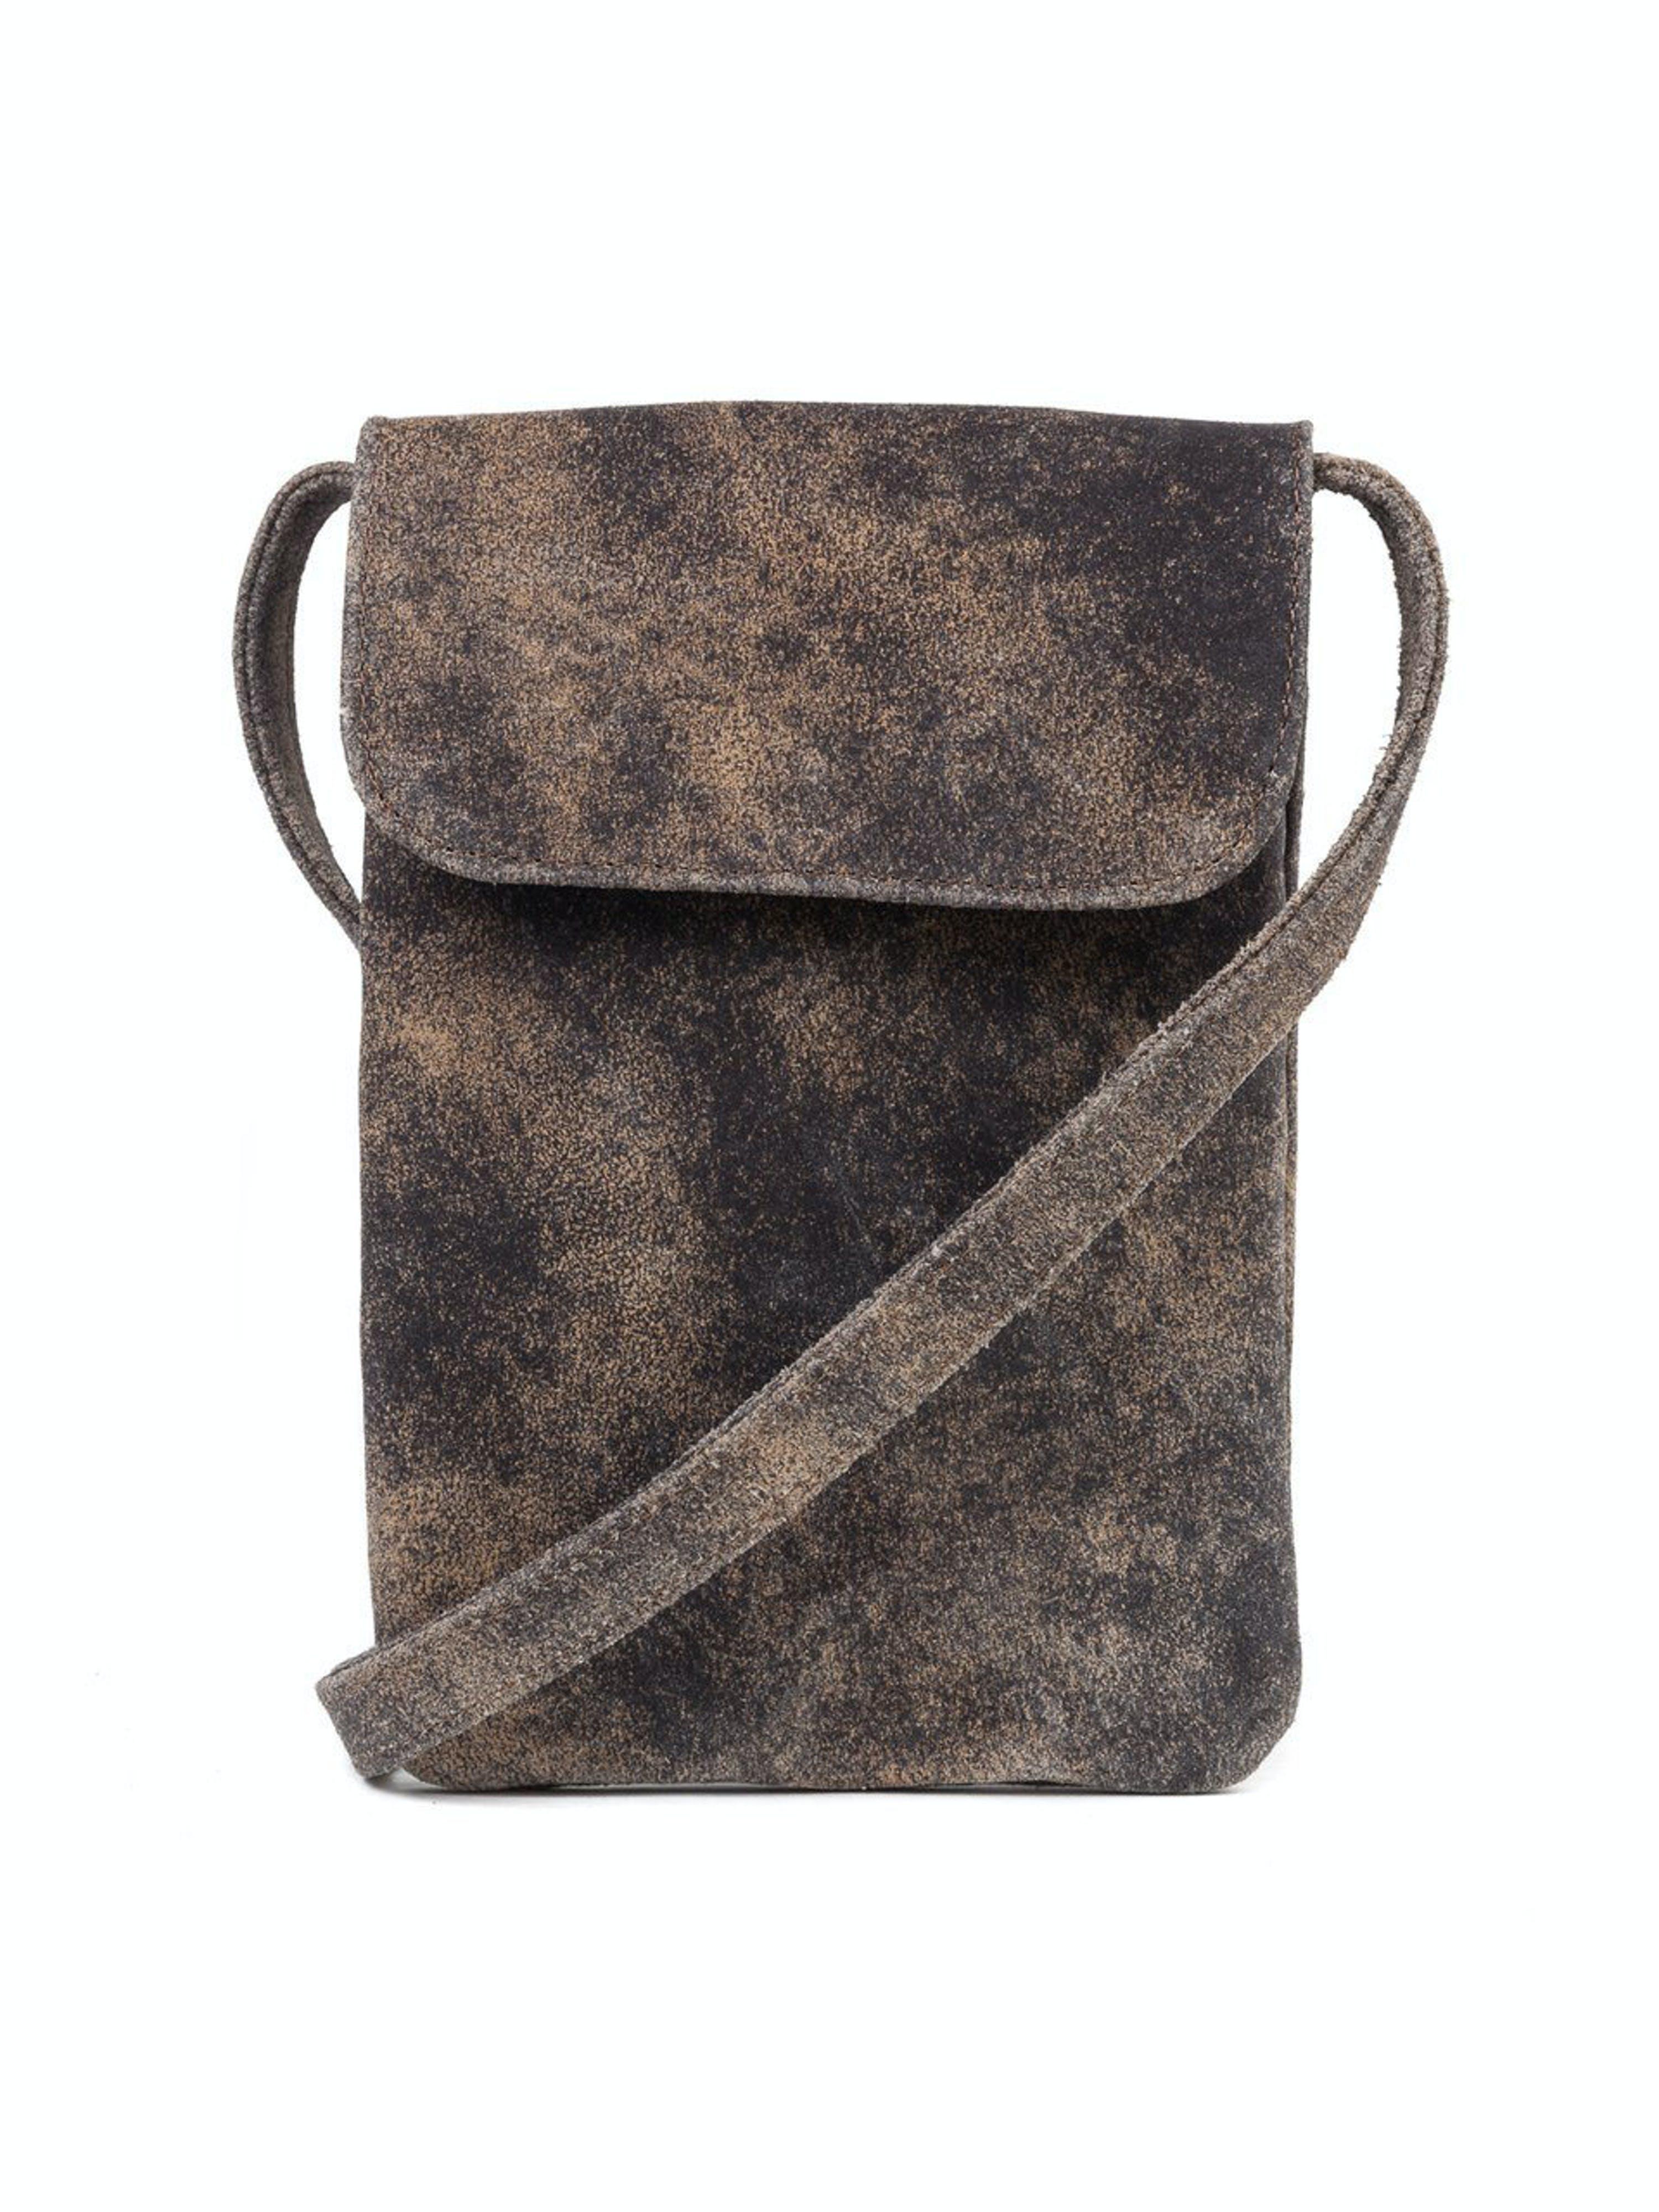 CoFi Leathers Penny Phone Bag: Vintage Brown  - Brown